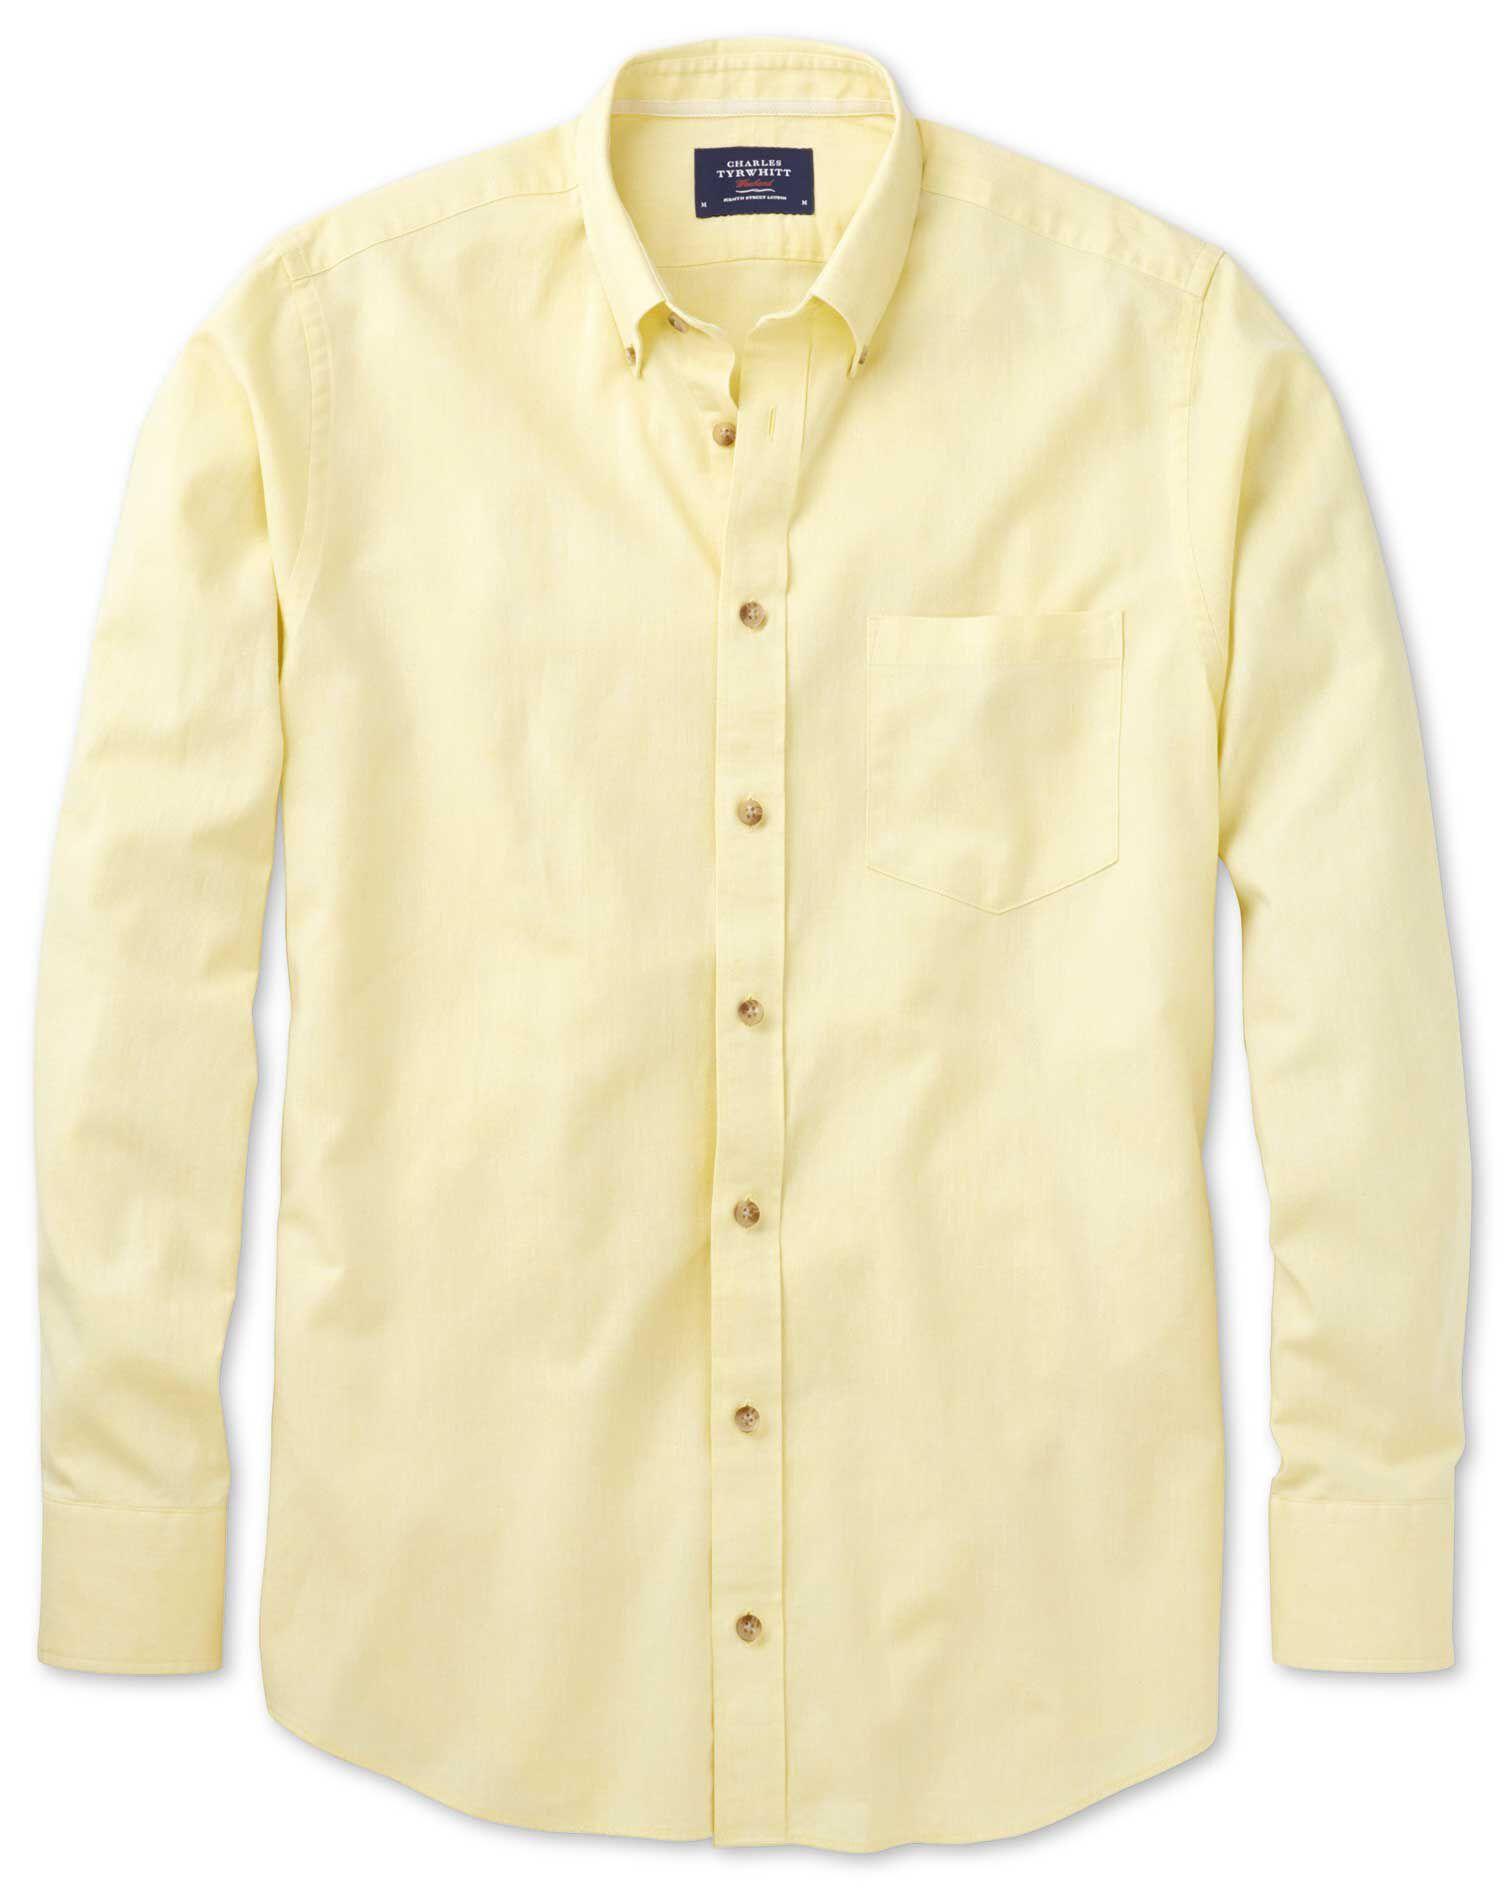 Slim Fit Yellow Cotton Shirt Single Cuff Size XS by Charles Tyrwhitt